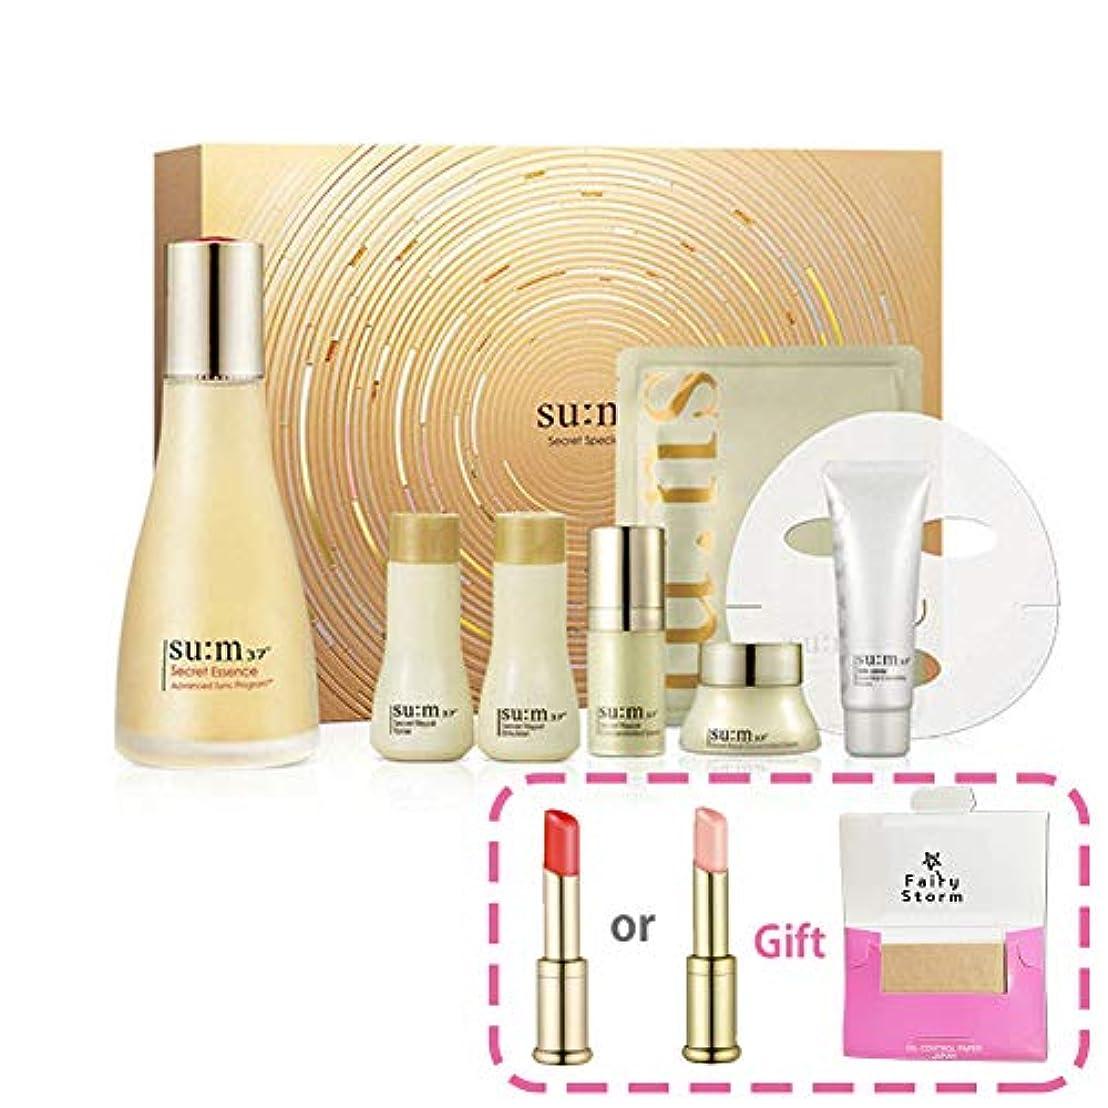 製油所心理的申請者[su:m37/スム37°] SUM37 Secret Essence SPECIAL 150ml Limited Edition/シークレットエッセンススペシャルリミテッドエディション+[Sample Gift](海外直送品)